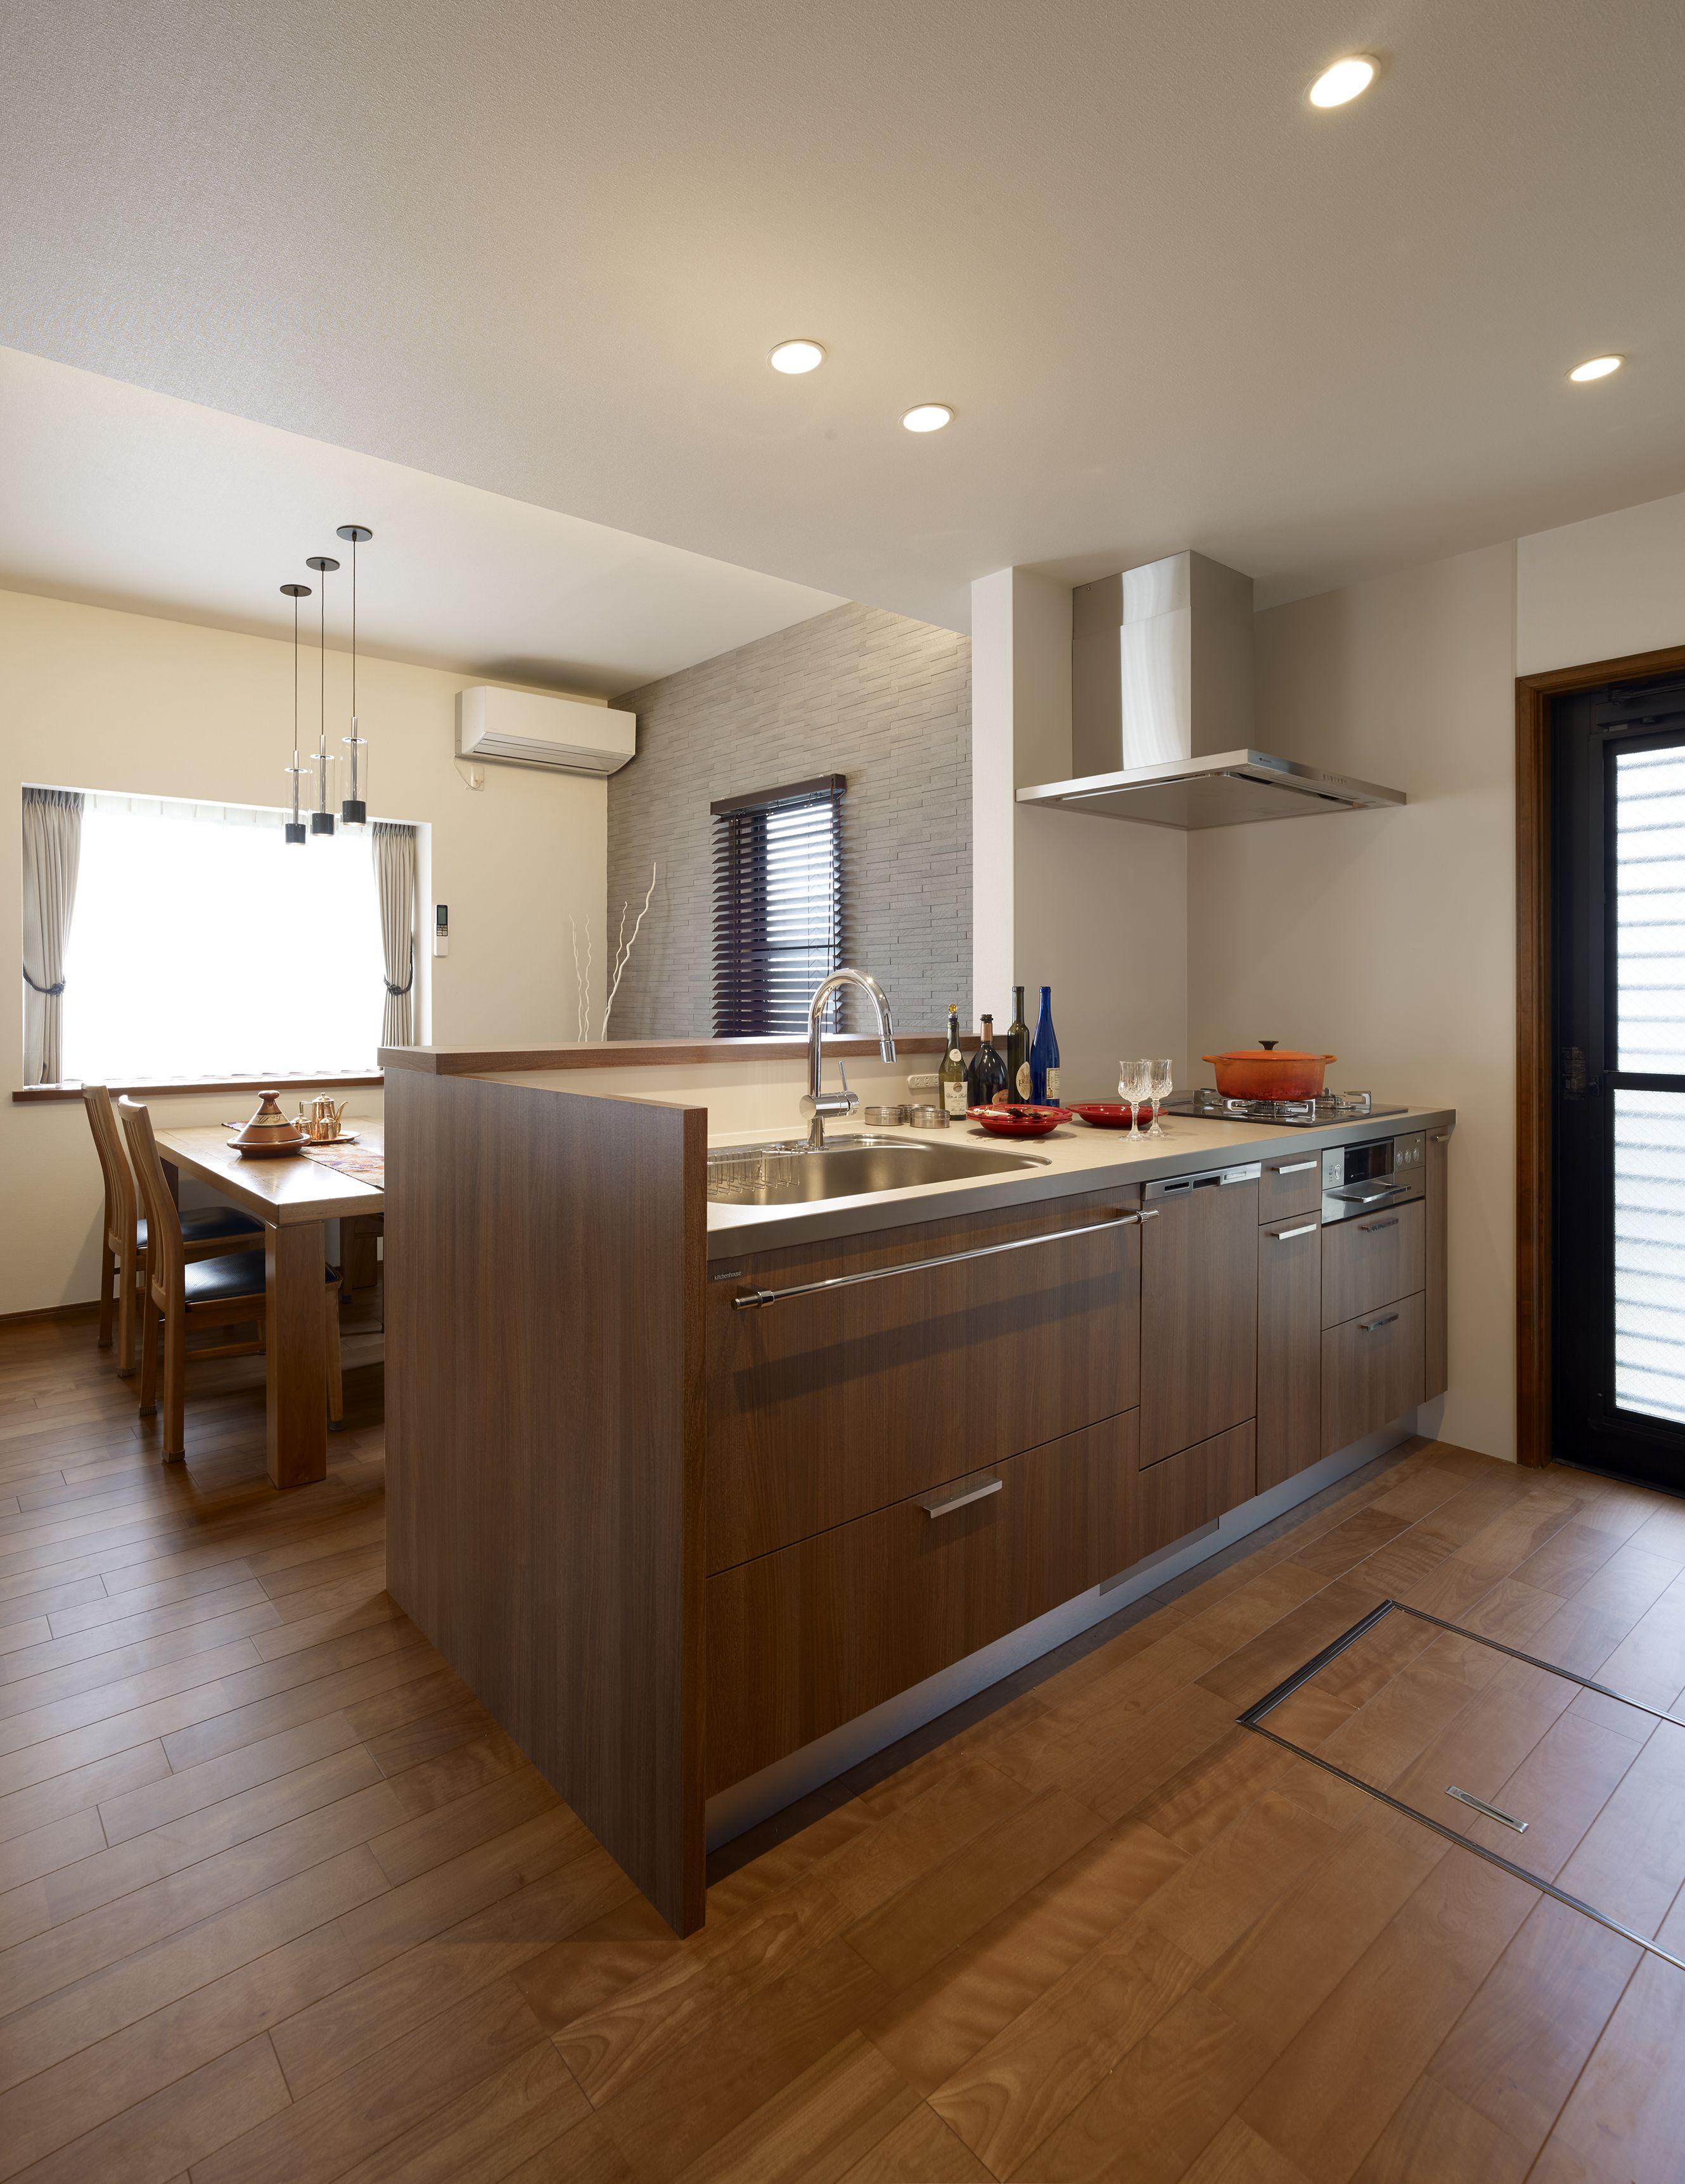 ミサワホームイングデザインリフォーム 戸建のダイニングキッチンのリフォーム 対面式にレイアウトしたキッチンは美しい木目調のキャビネットがまるで家具の様です ダイニングのフォーカルポイントにはエコカラットを貼って 木製ブラインドを掛けました ウッディな